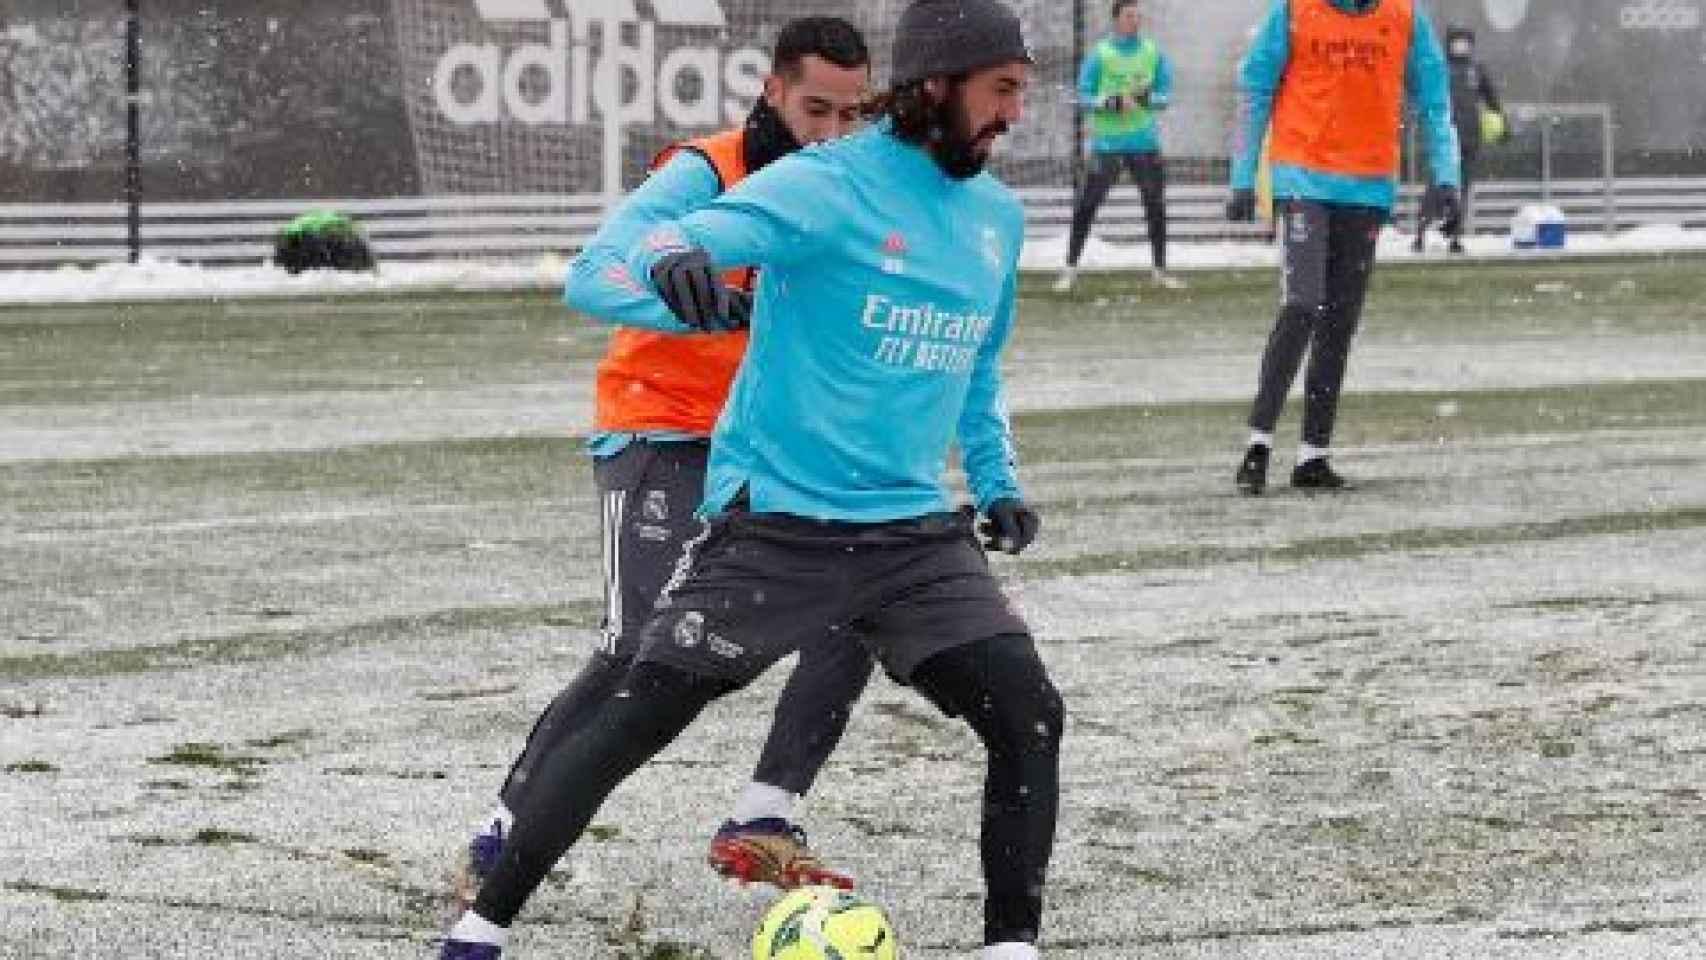 Isco Alarcón y Lucas Vázquez, durante un entrenamiento del Real Madrid